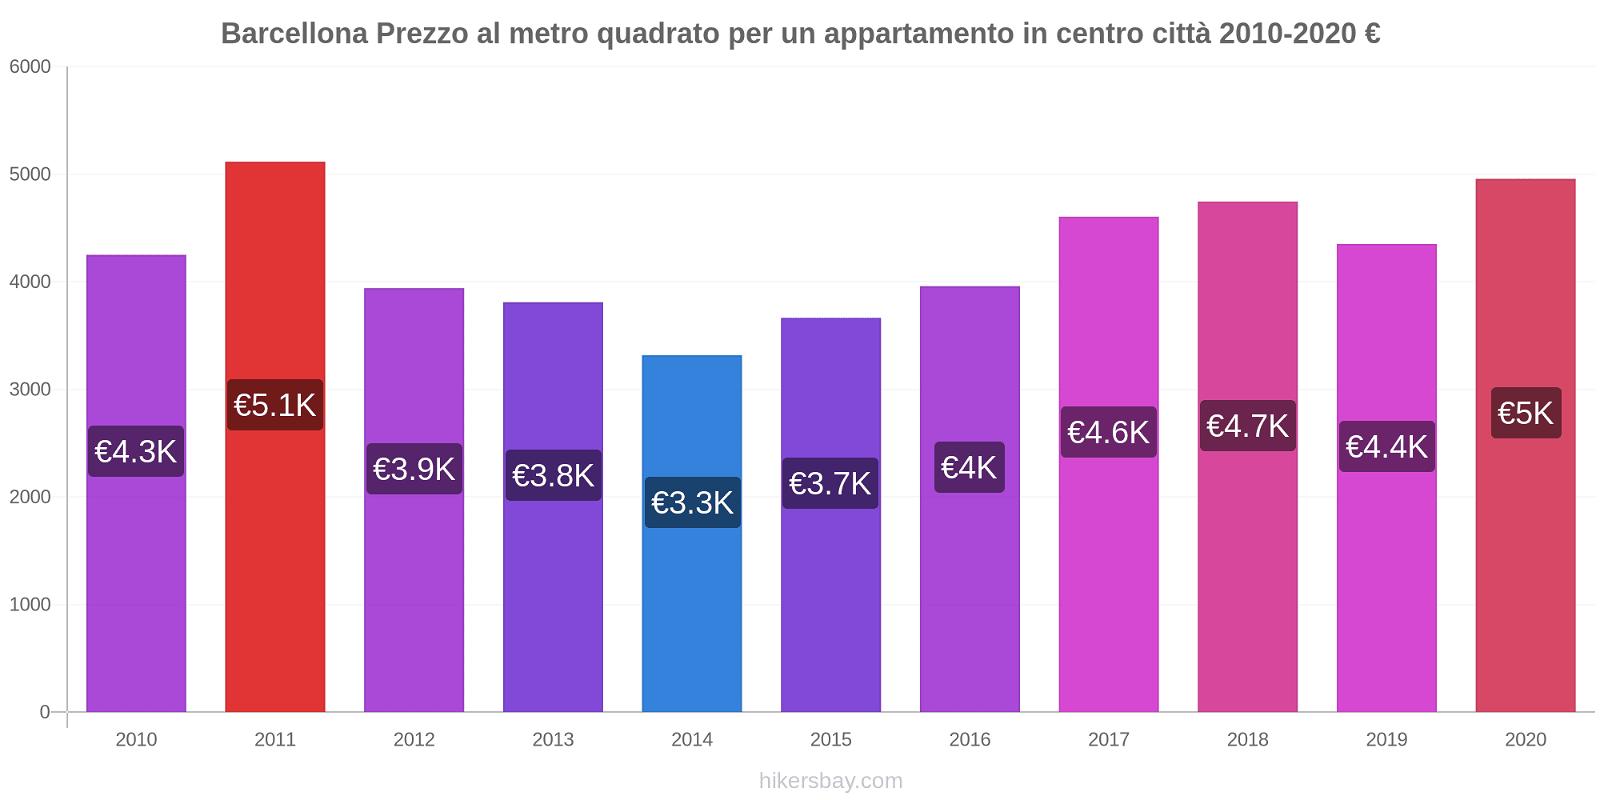 Barcellona variazioni di prezzo Prezzo al metro quadrato dell' appartamento in centro città hikersbay.com